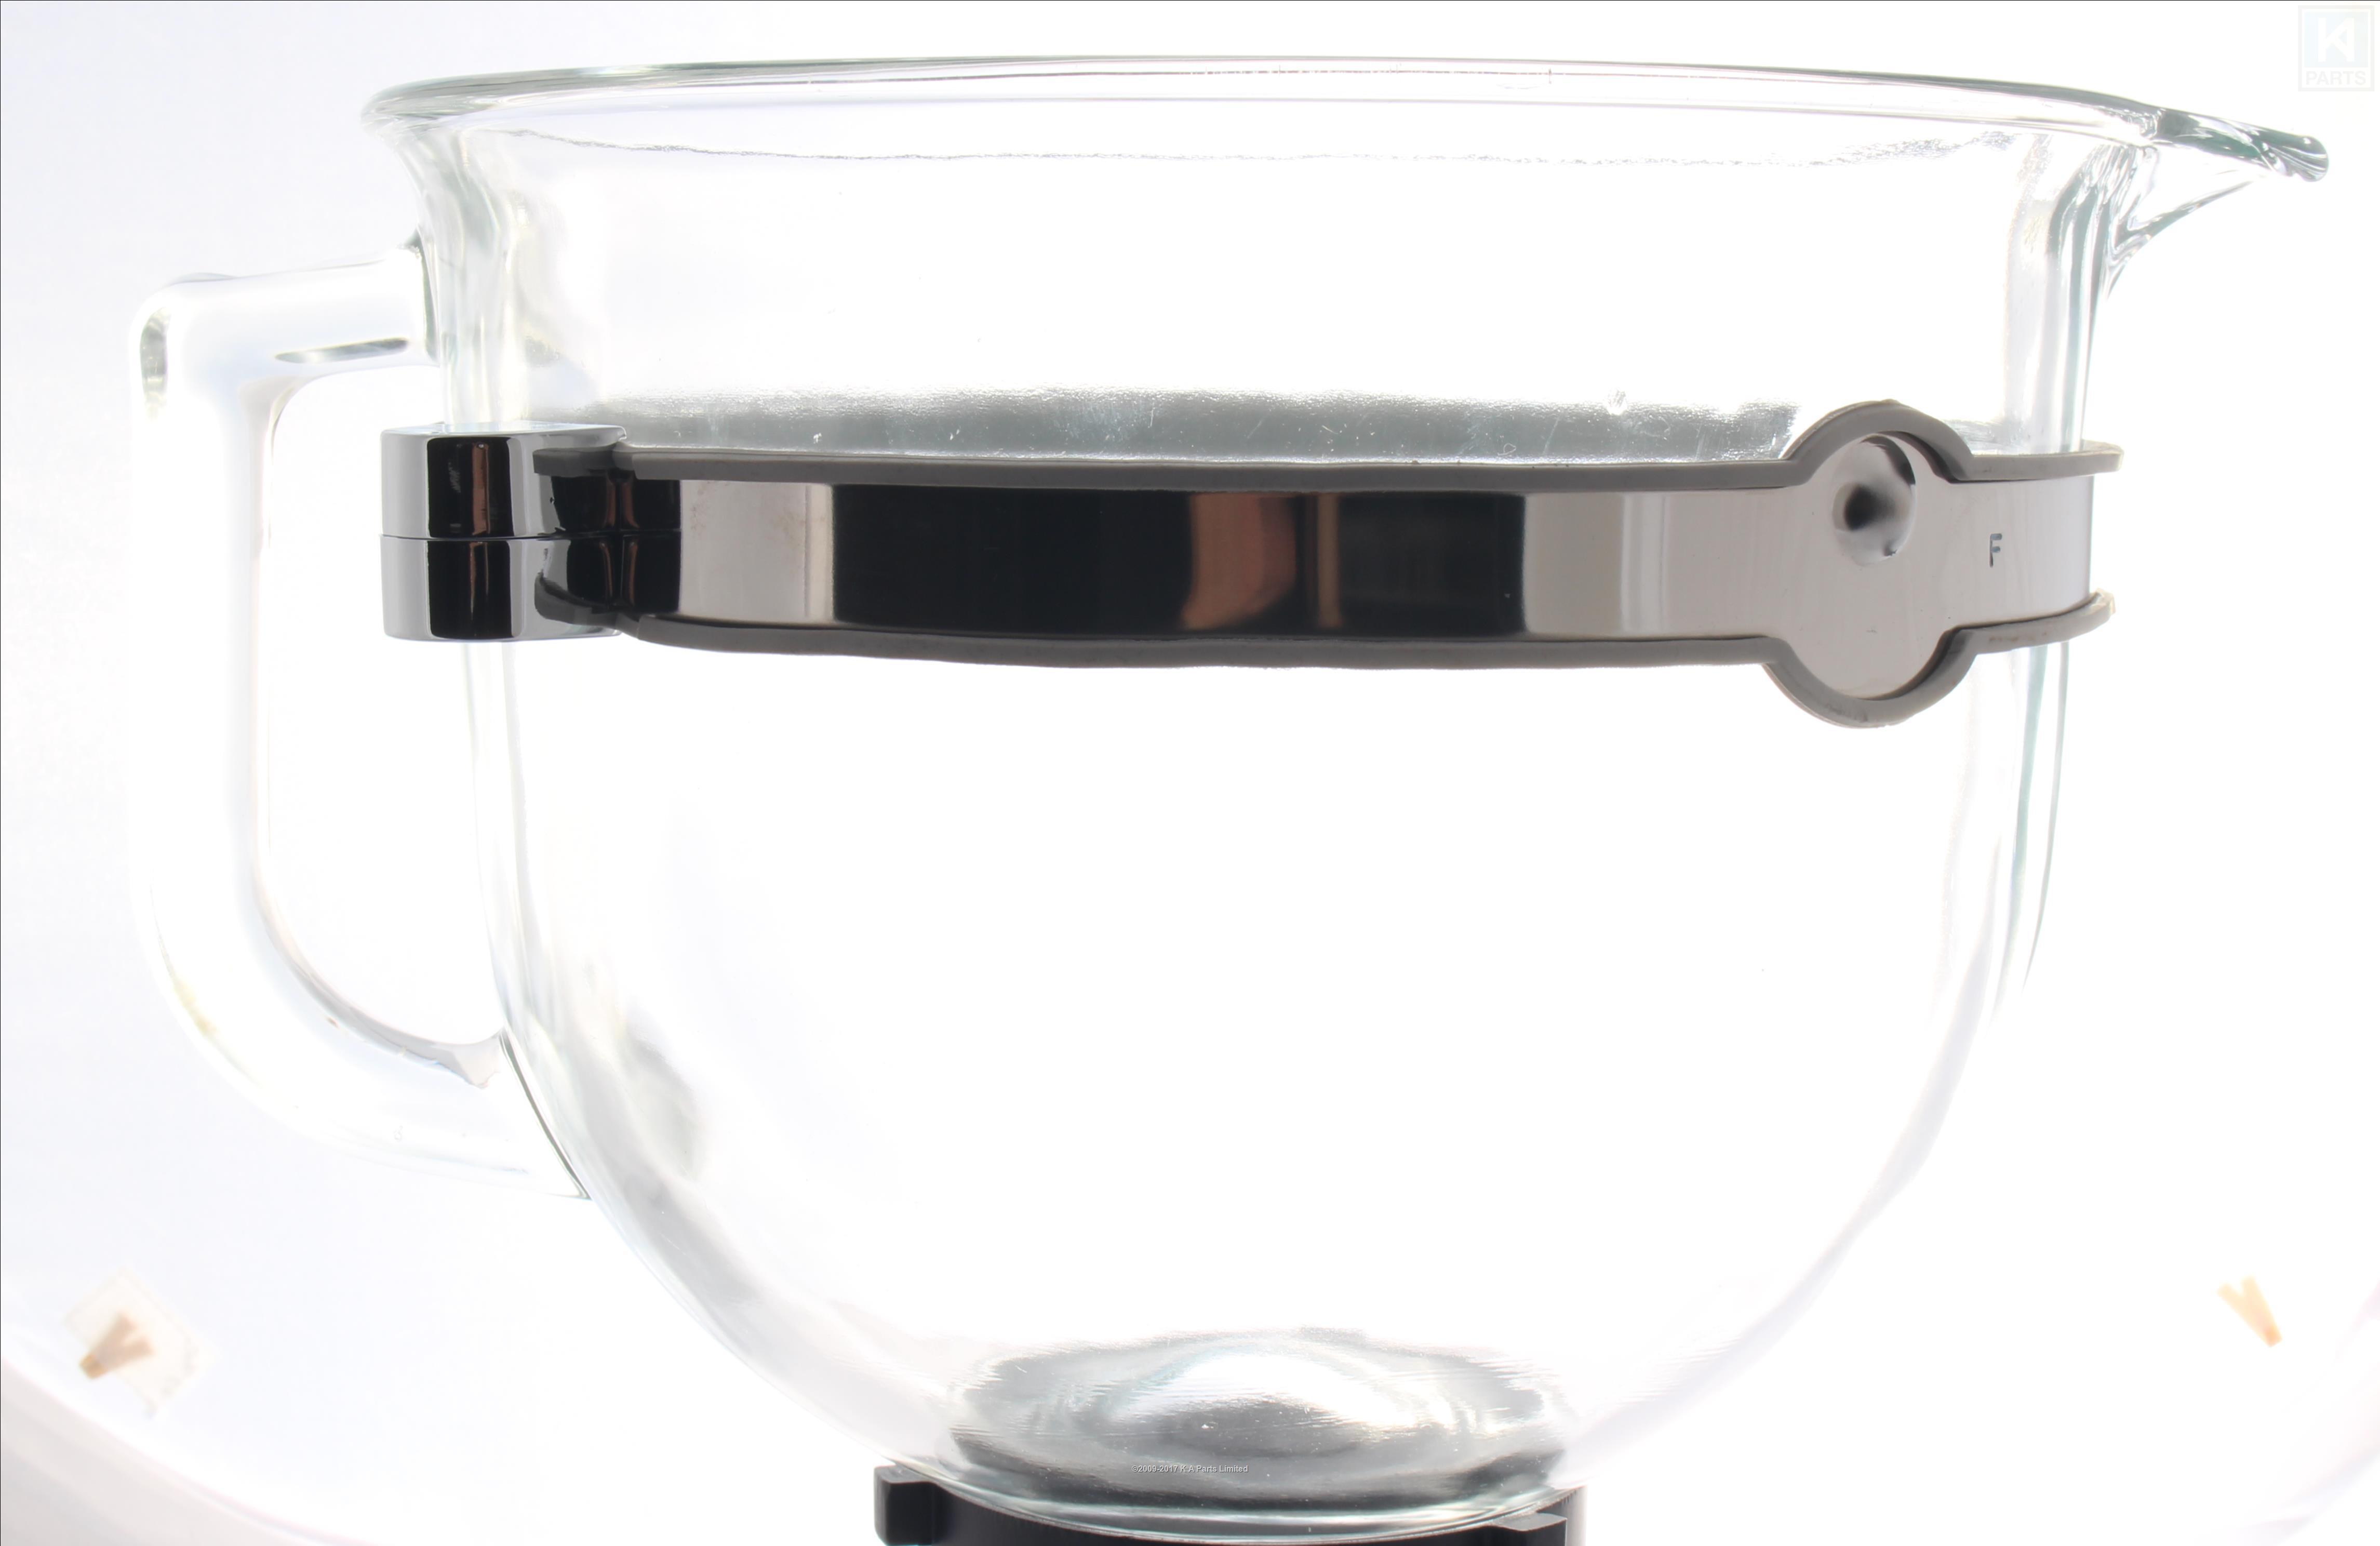 KitchenAid Mixer 7qt (6.9l) Tools